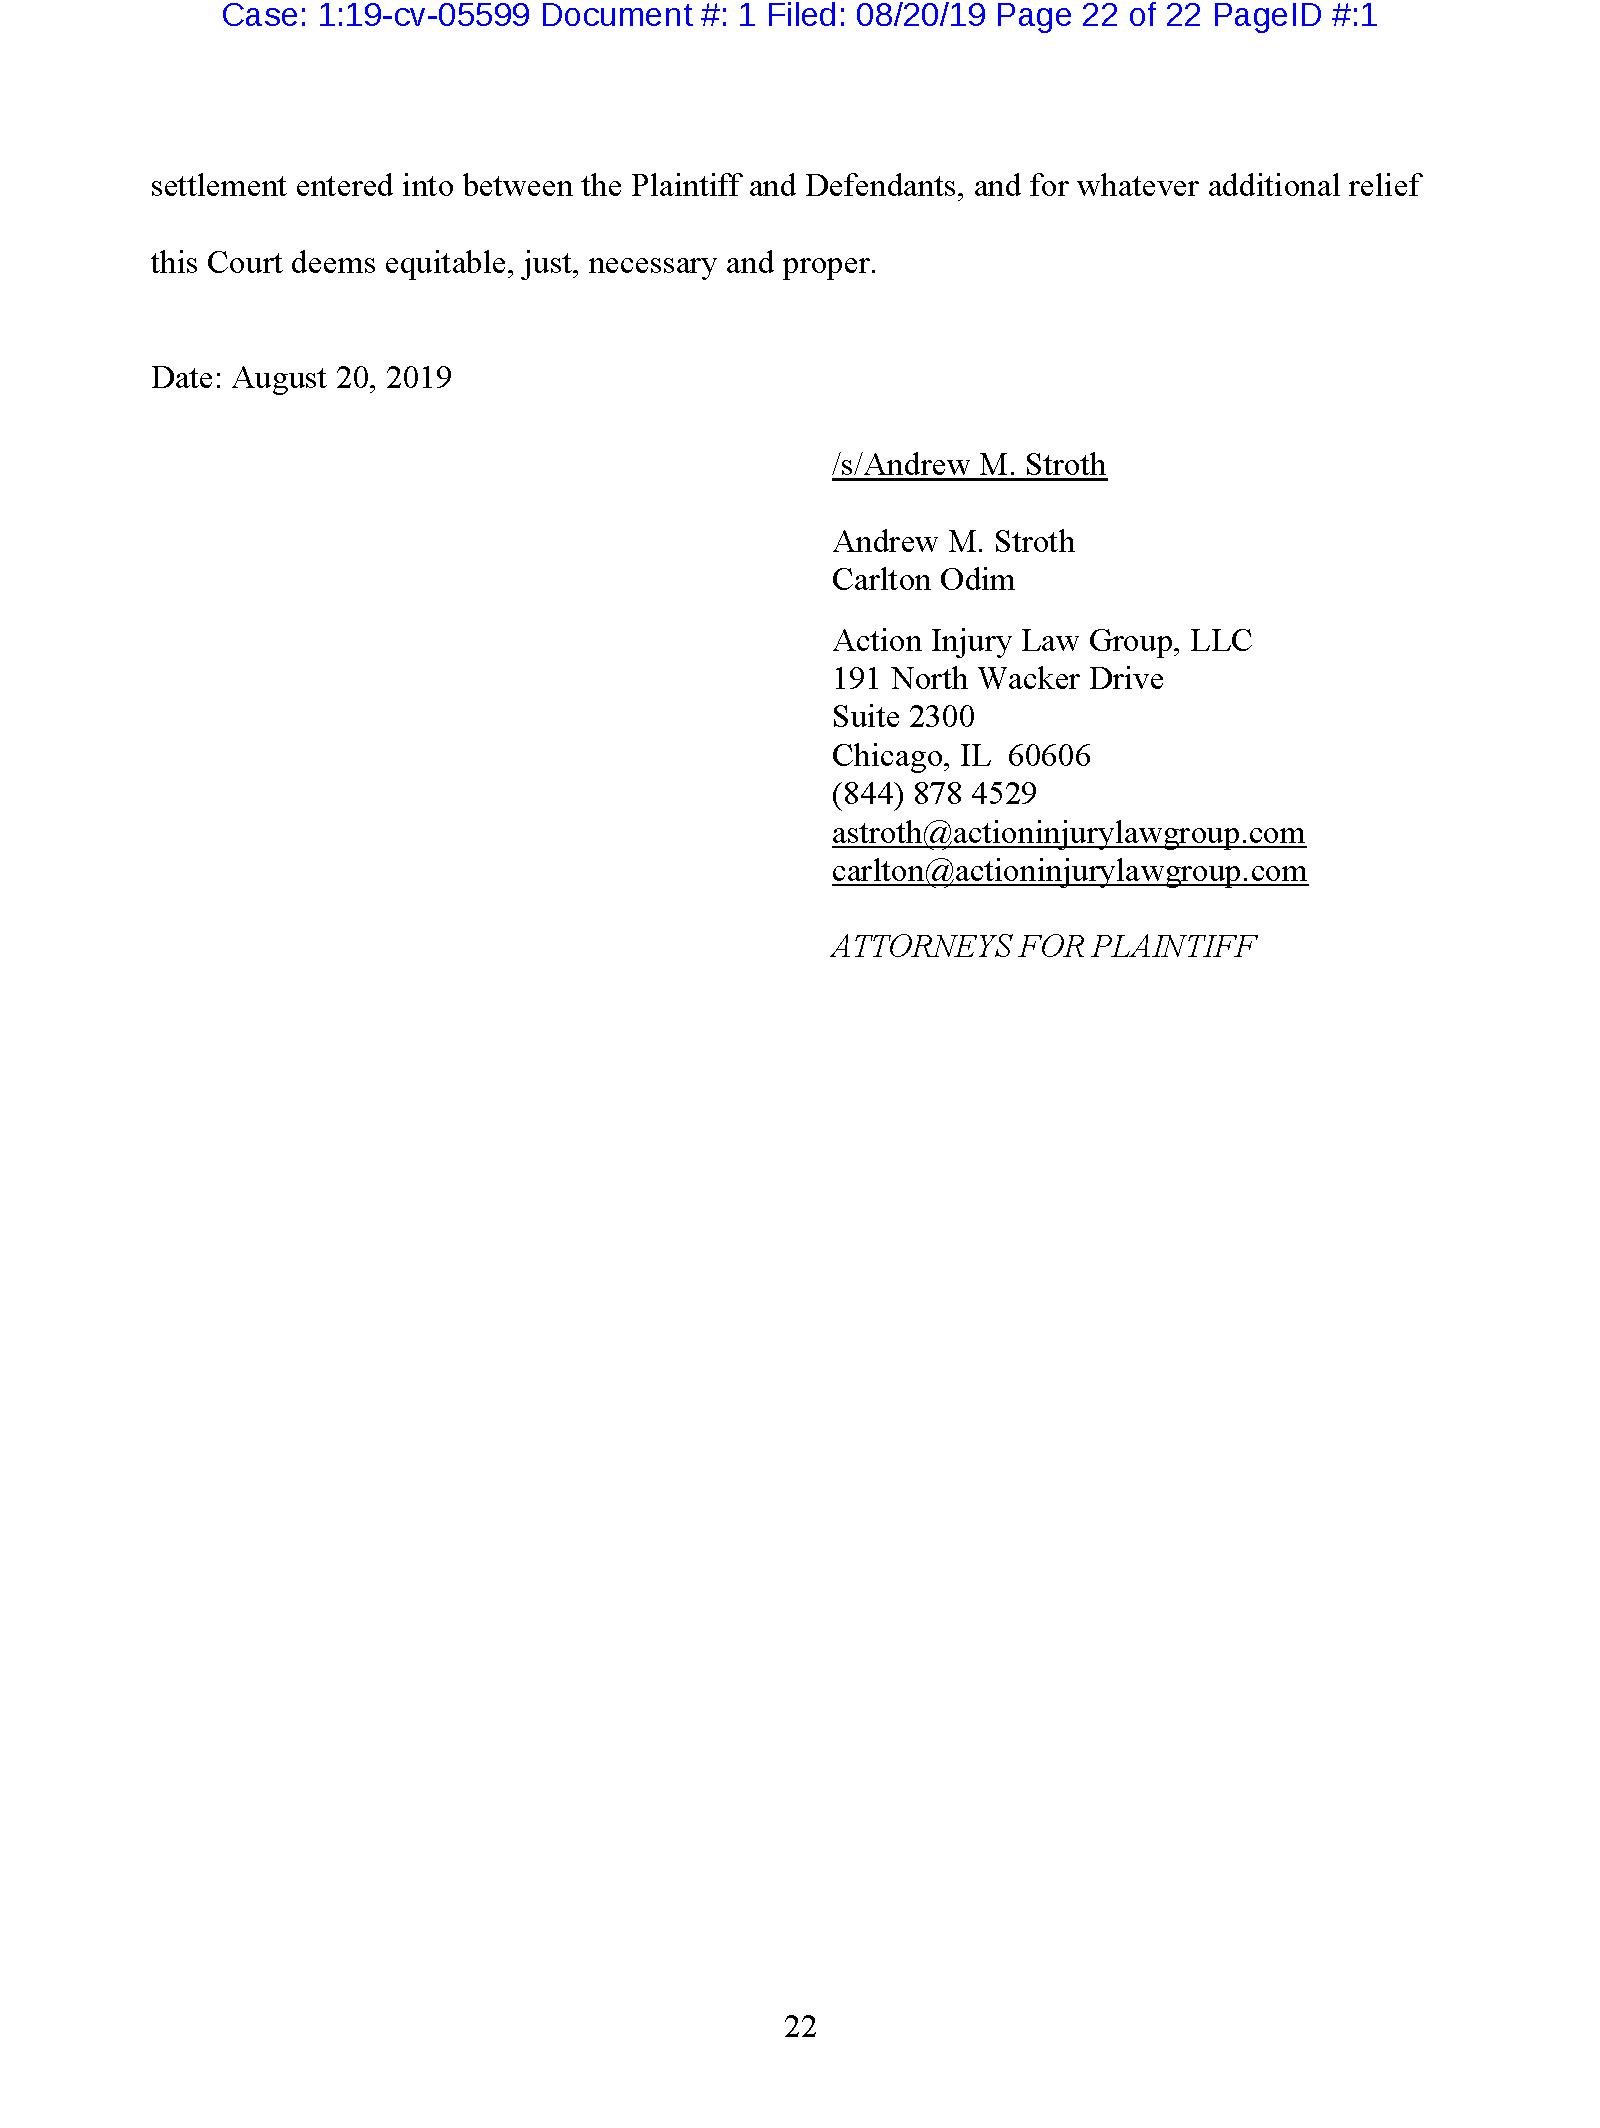 Copy of Complaint0122.png